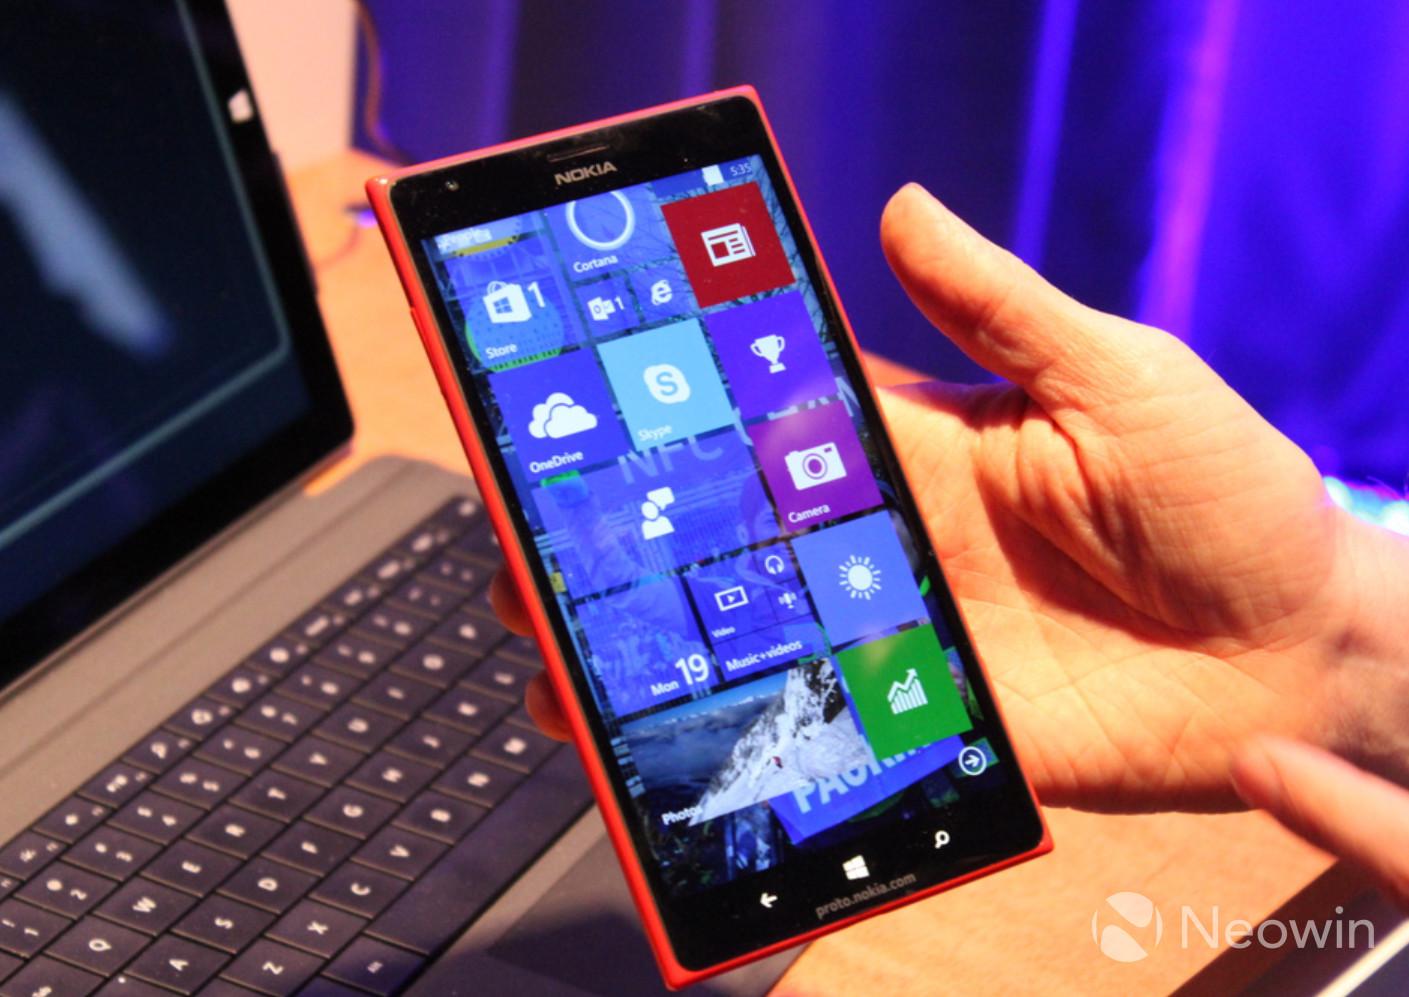 Novas imagens do Windows 10 para smartphones!